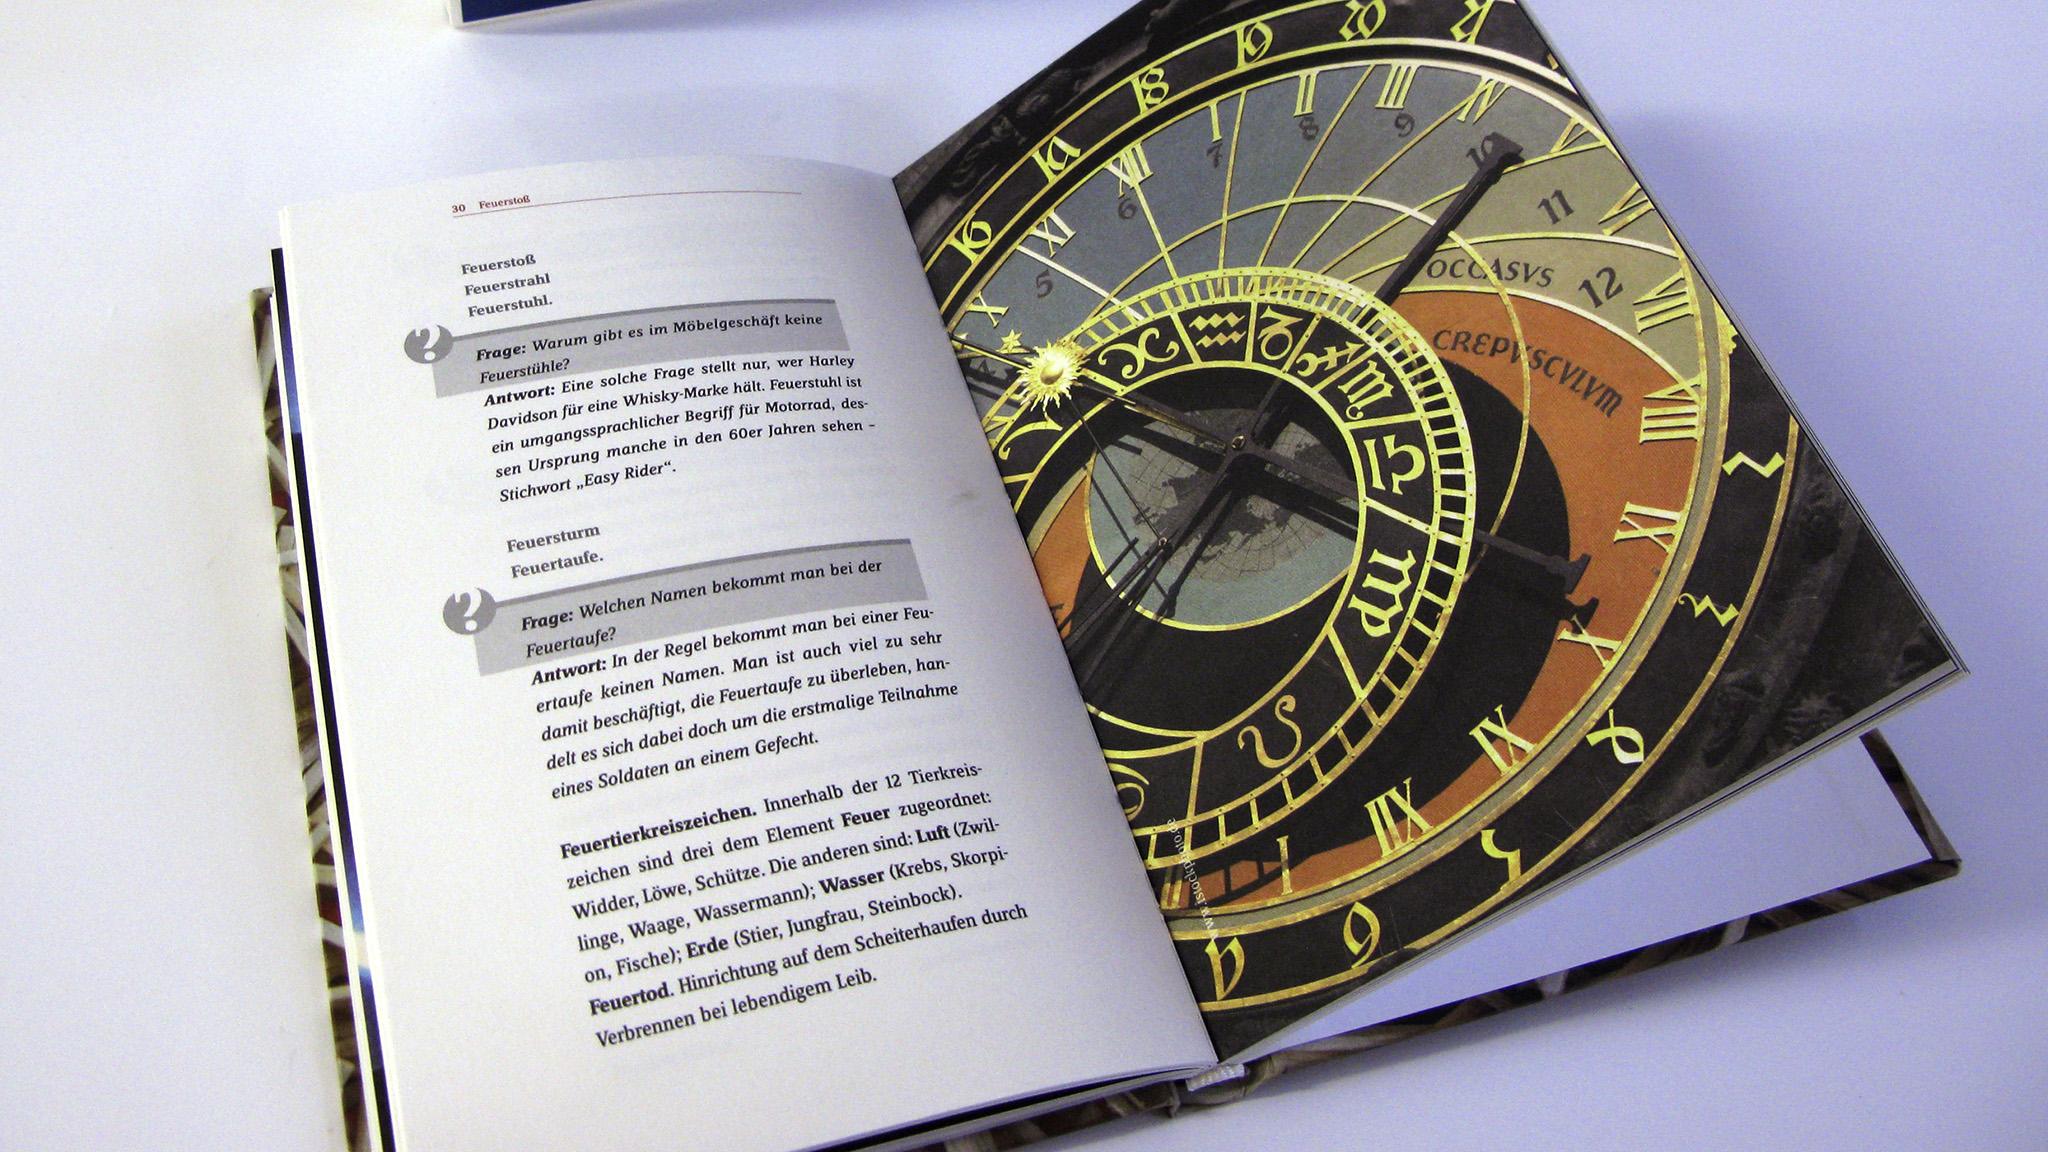 Sprint_Buch vom Feuer 2048x1152px4